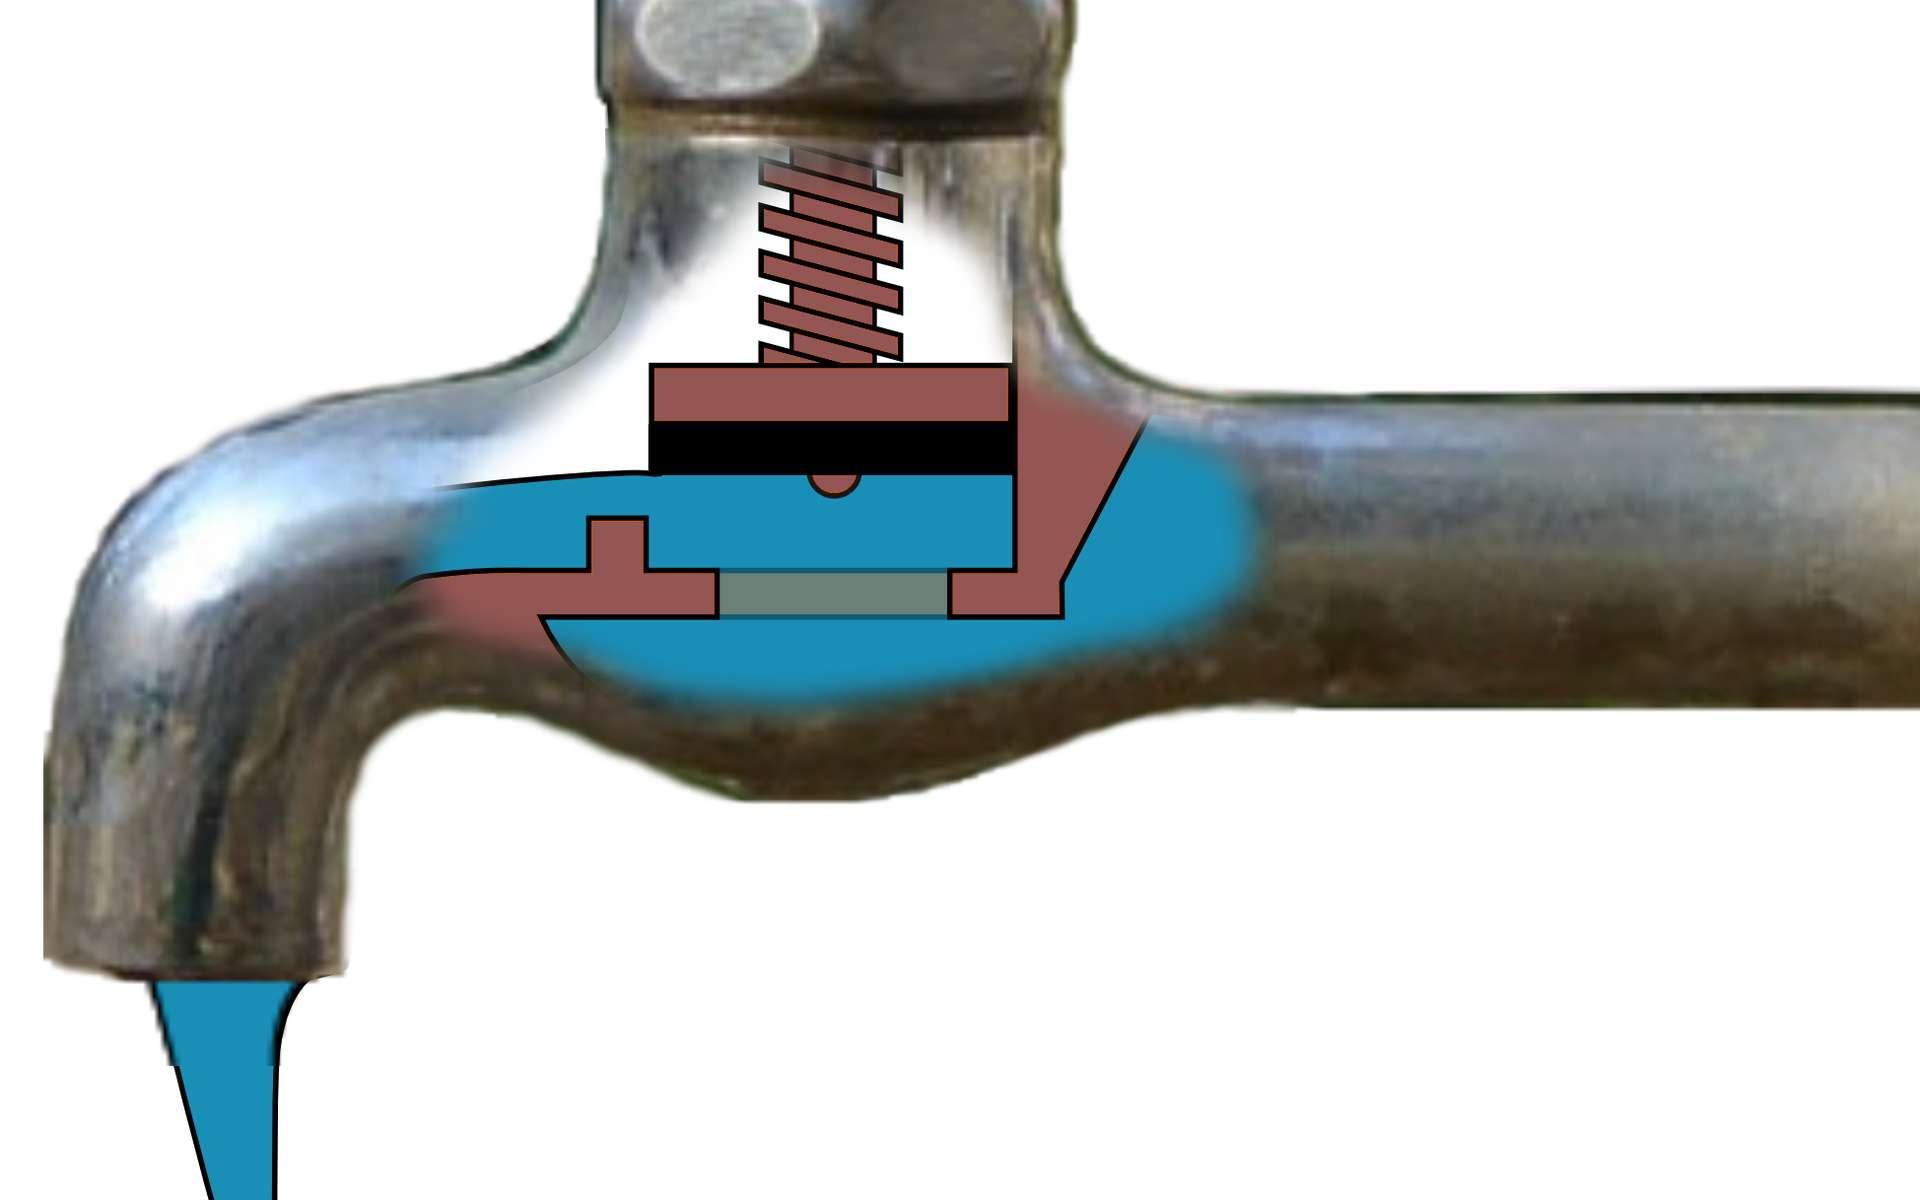 Le robinet à soupape permet de bien contrôler le débit d'un flux. © Ignacio Icke, CC BY 2.0, Wikimedia Commons